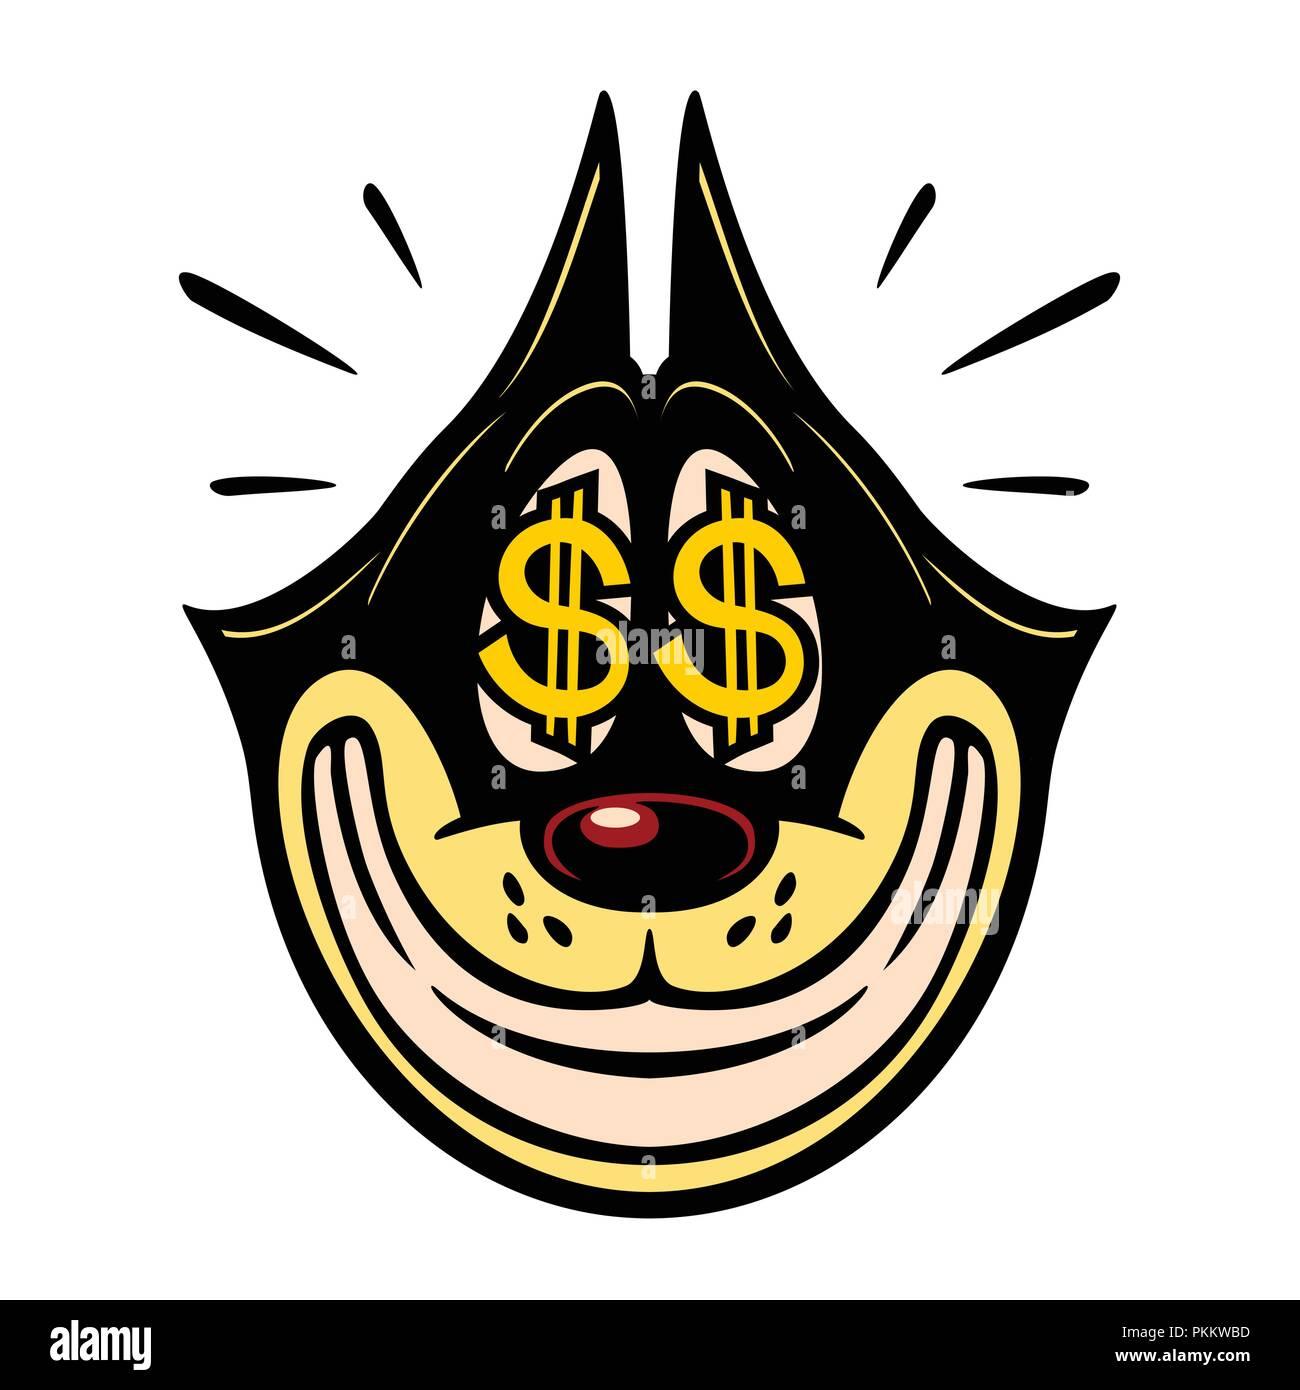 Vintage Toons: vintage Zeichentrickfigur lächelnd gierige Katze mit Geld Dollarzeichen in den Augen Verkauf einfach Geld Gewinn emoji Vector Illustration Stockbild